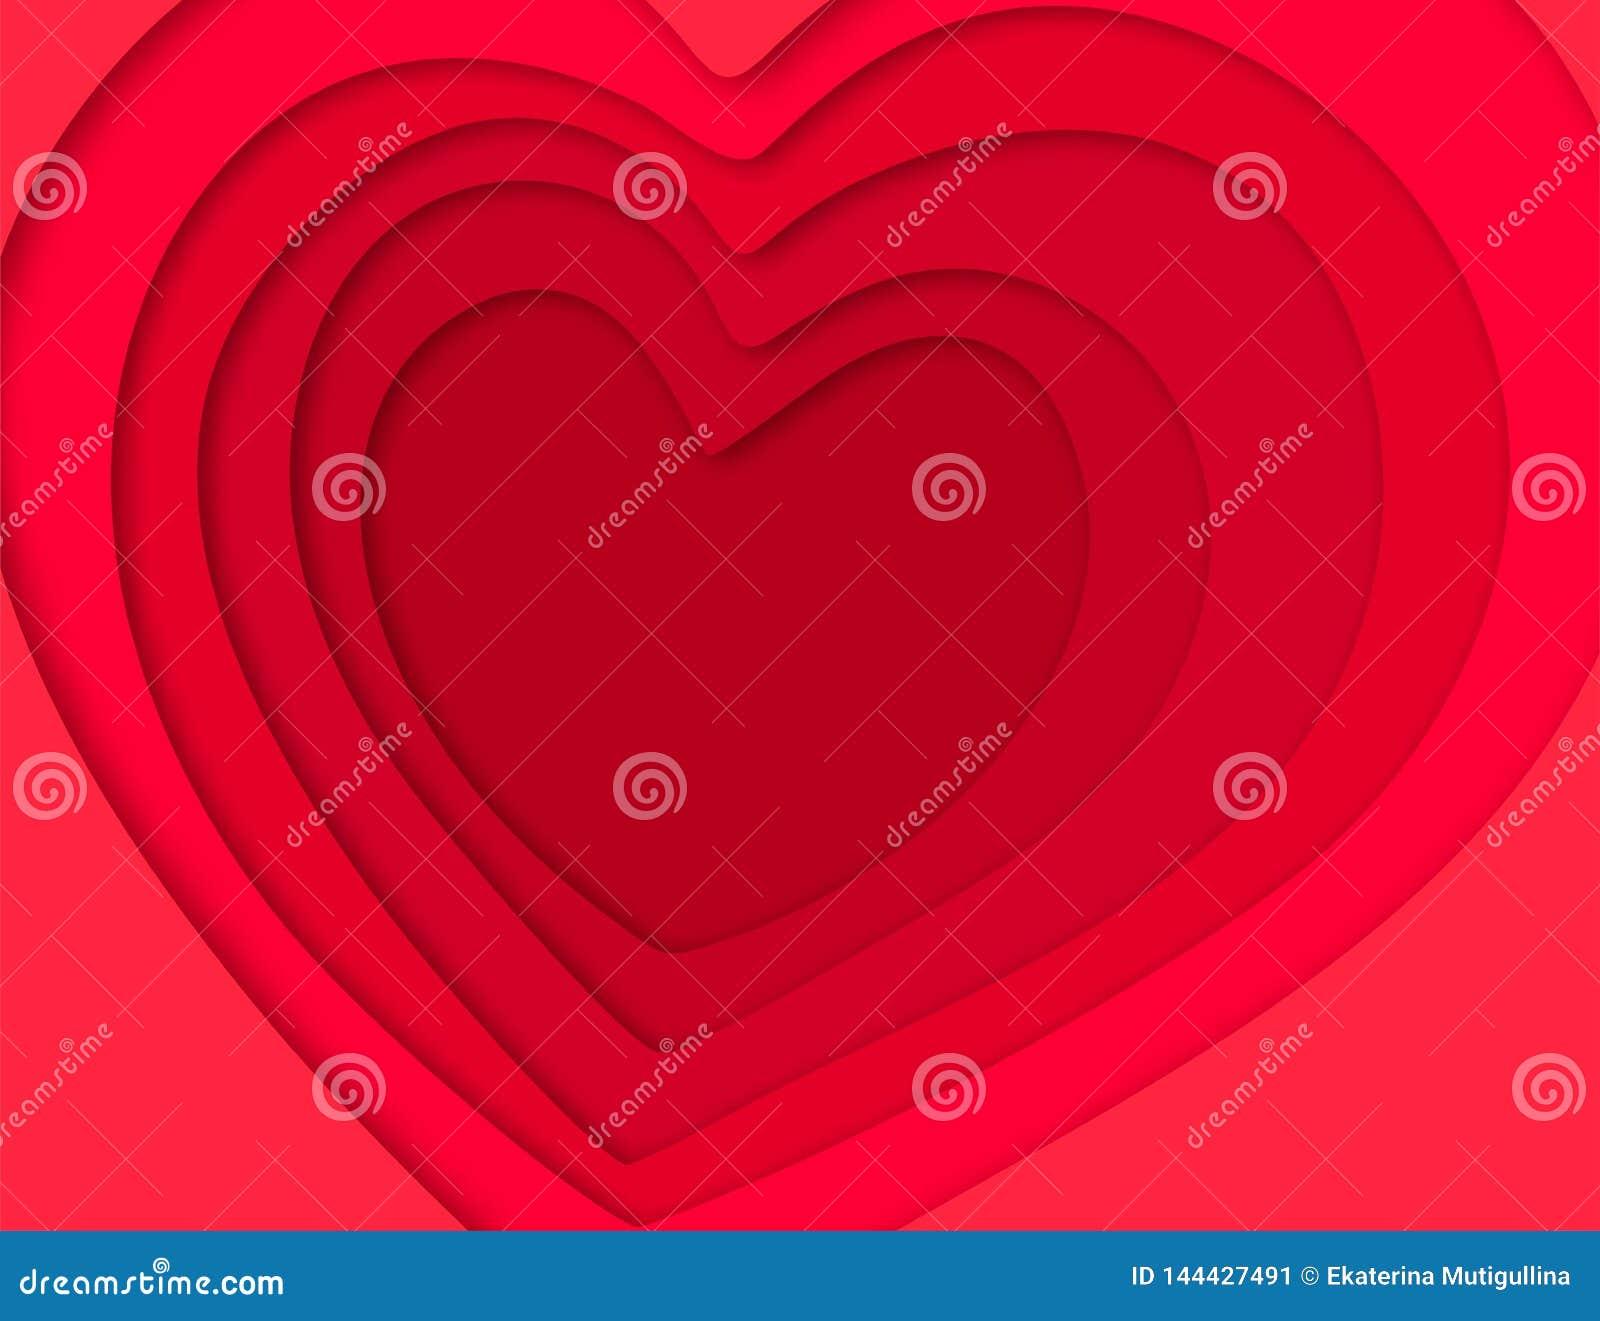 Hintergrund 3D mit Herzpapierschnitt